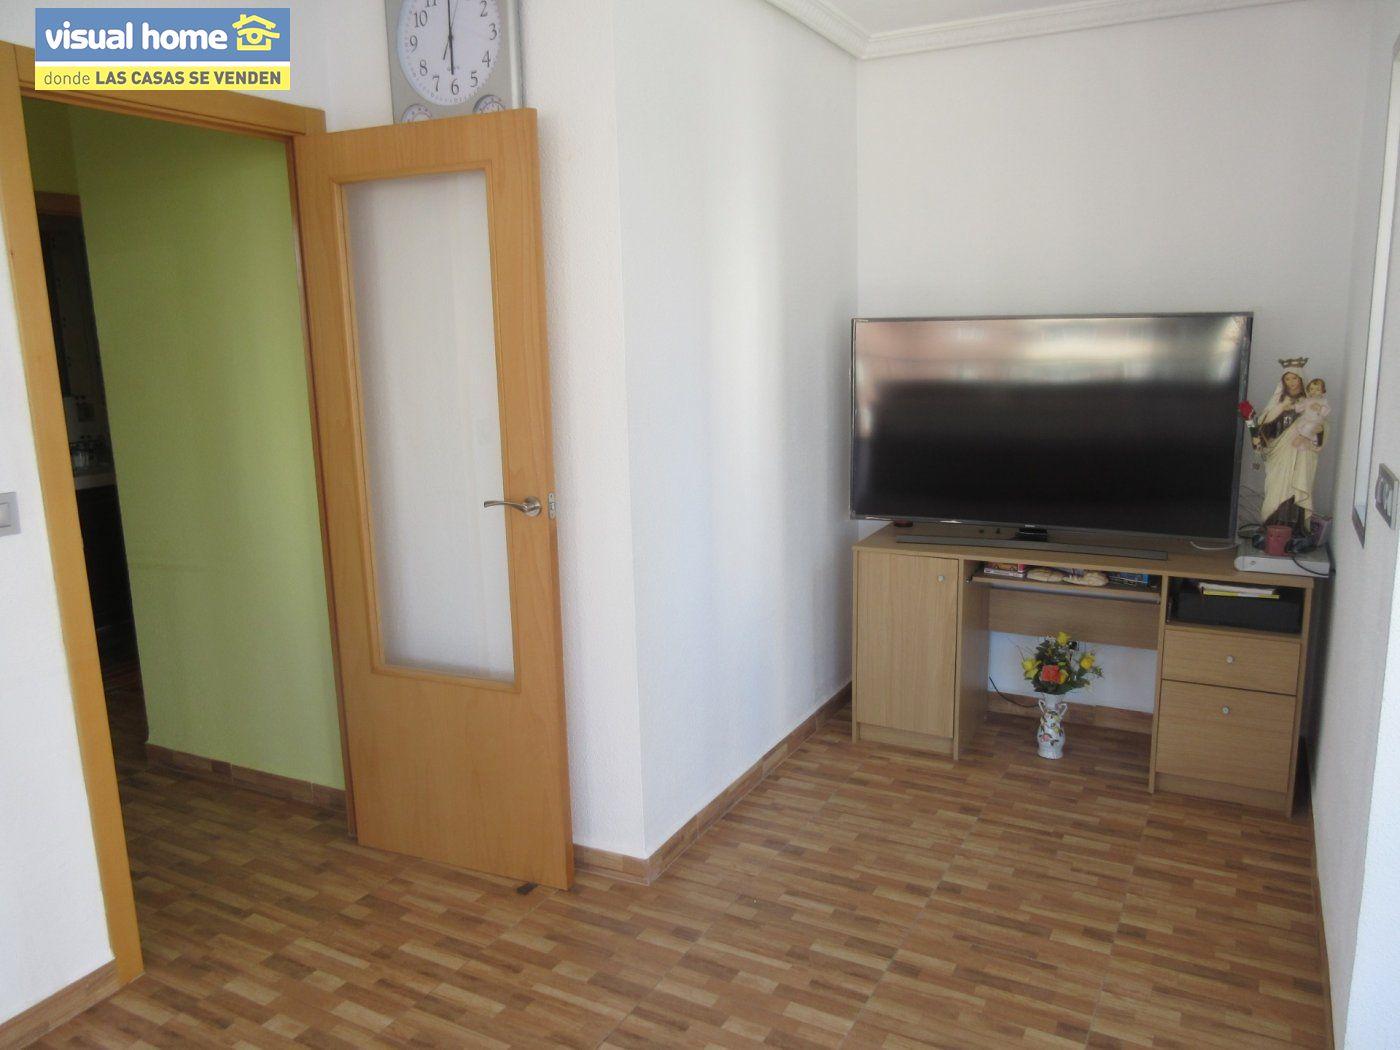 Apartamento todo exterior en Av/ Mediterráneo con garaje y piscina a 50 mts de la playa 23